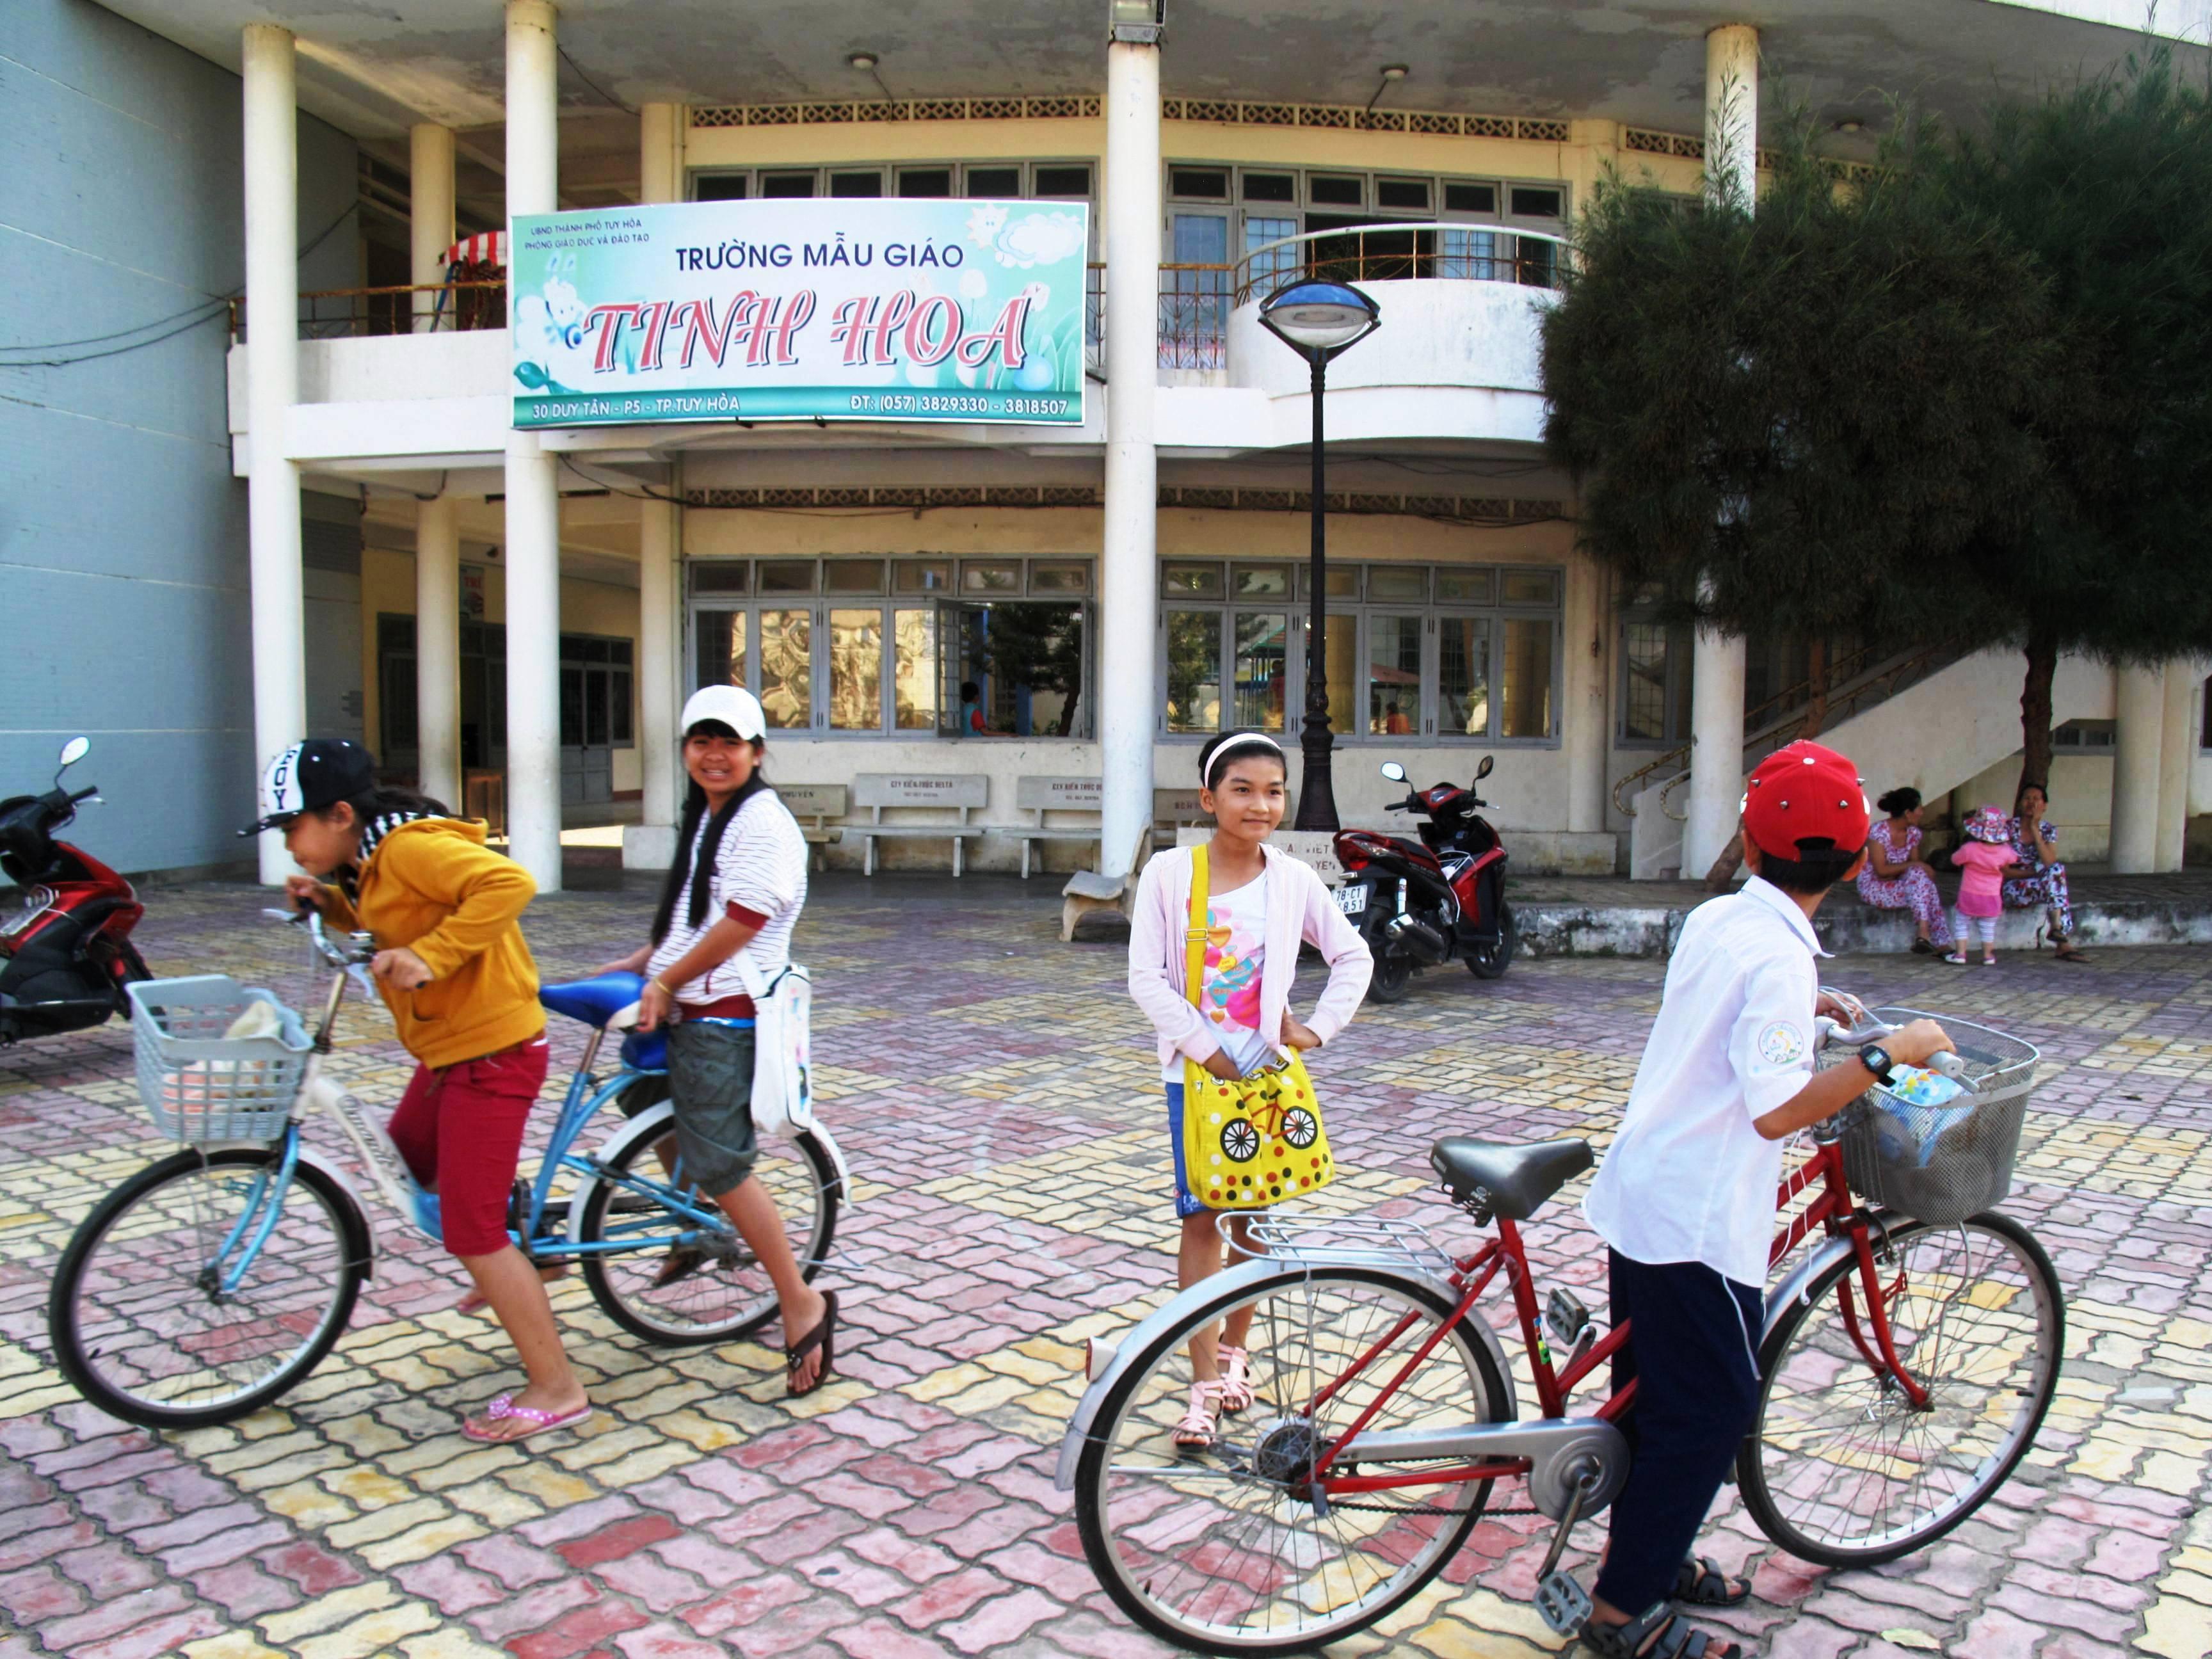 Trường mầm non Tinh Hoa, nơi xảy ra việc cô giáo Trang đánh bé mầm non